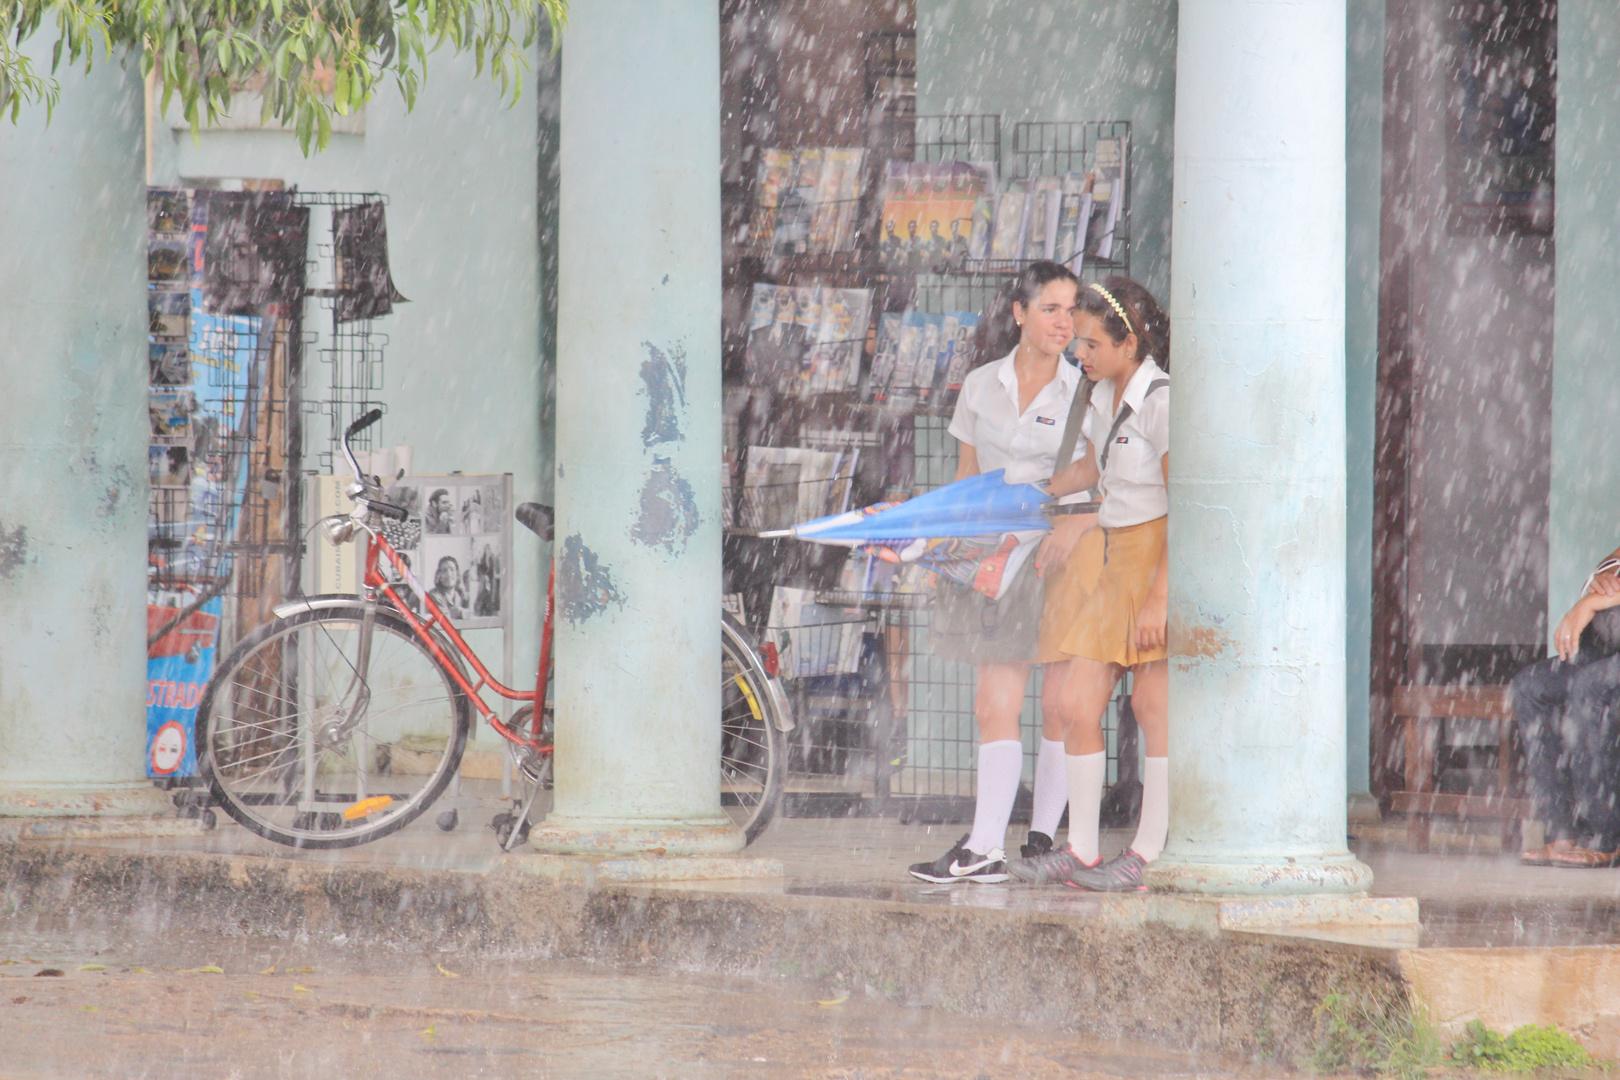 Regenzeit in Kuba 2